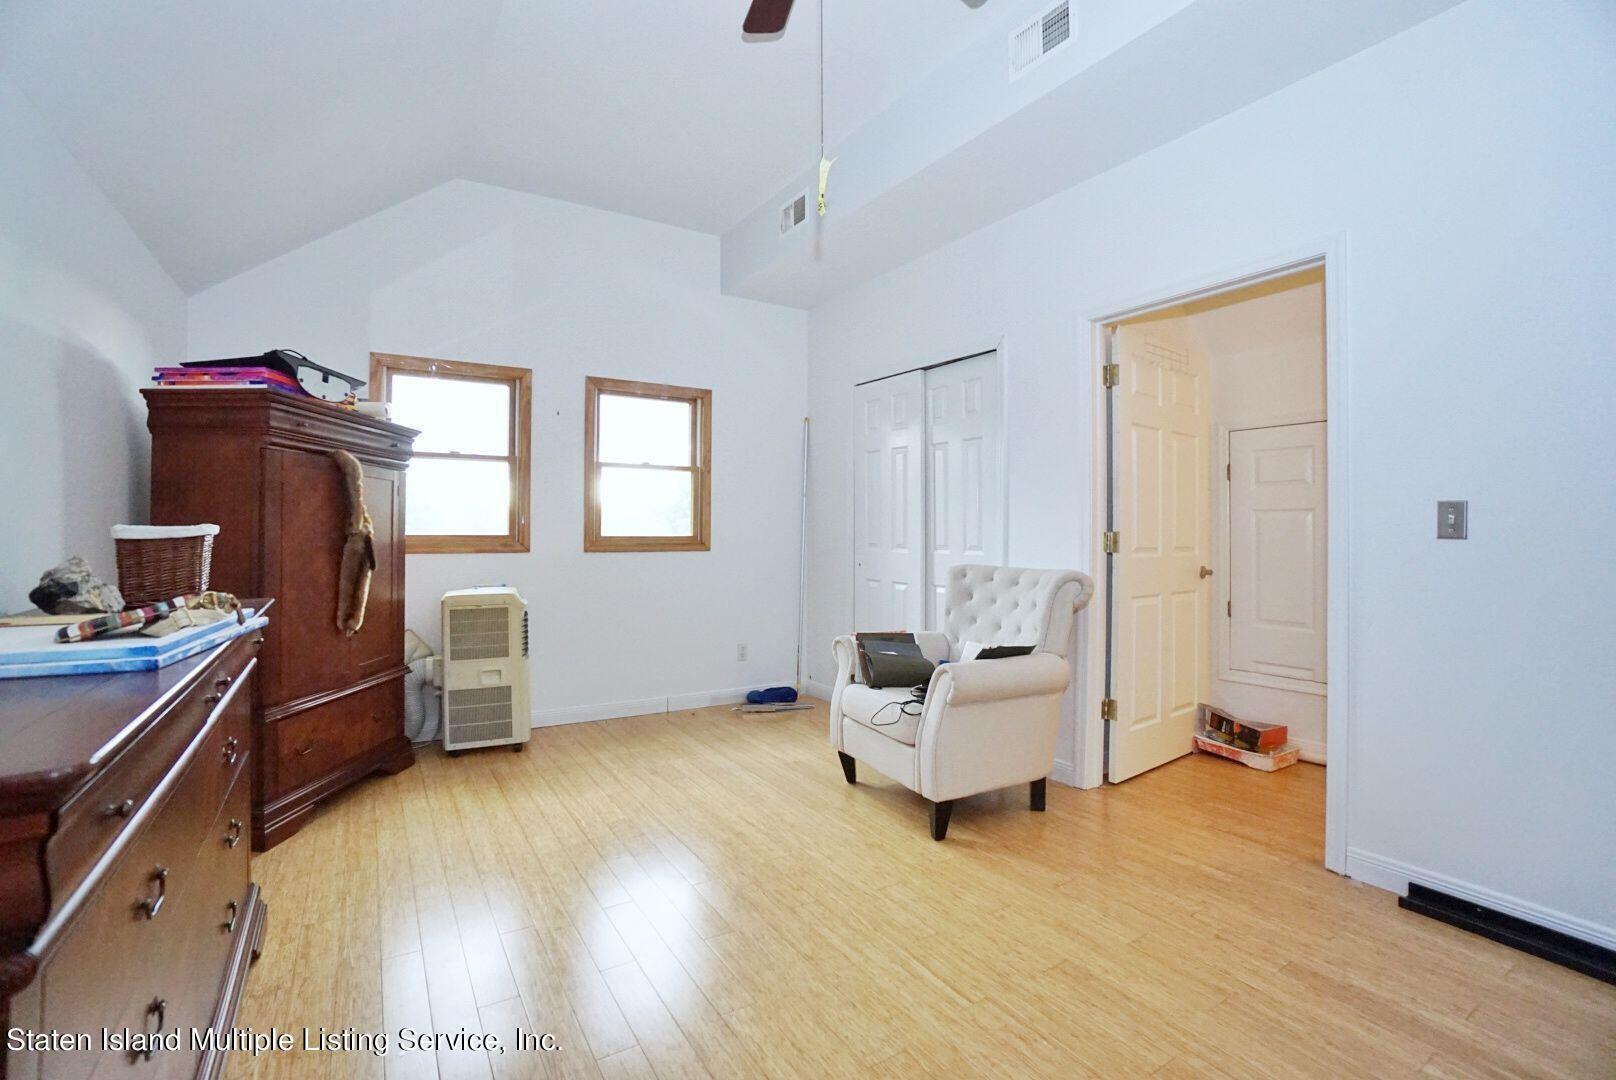 Single Family - Detached 311 Sharrott Avenue  Staten Island, NY 10309, MLS-1146042-45